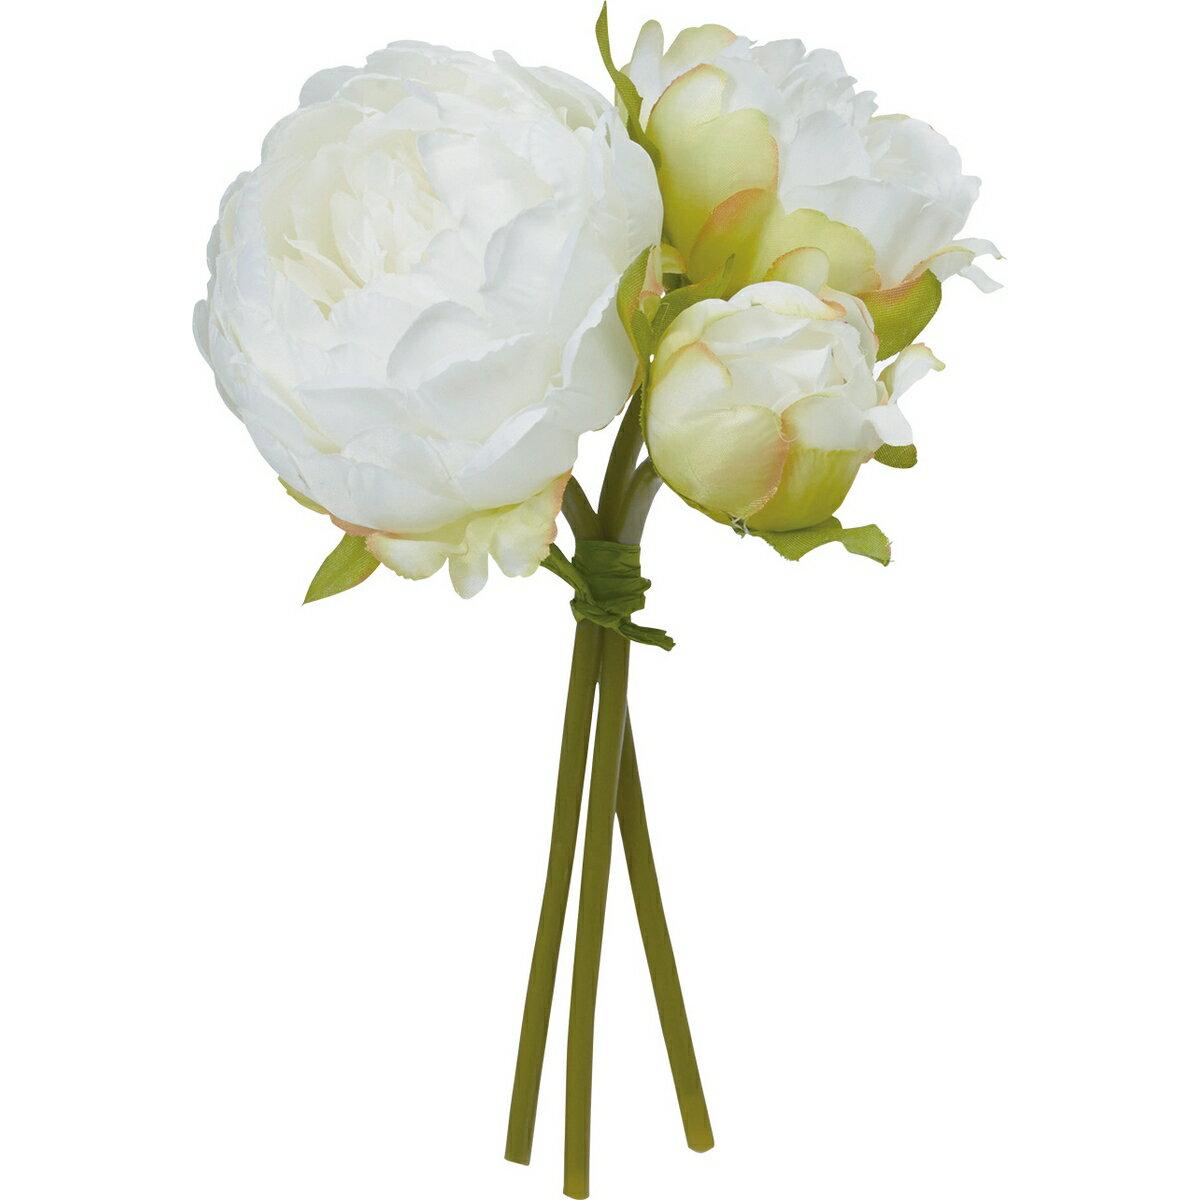 【造花】YDM/ピオニーバンドル ホワイト/FB2449-W【01】|芍薬・牡丹【01】【01】【取寄】《 造花(アーティフィシャルフラワー) 造花 花材「さ行」 シャクヤク(芍薬)・ボタン(牡丹)・ピオニー 》